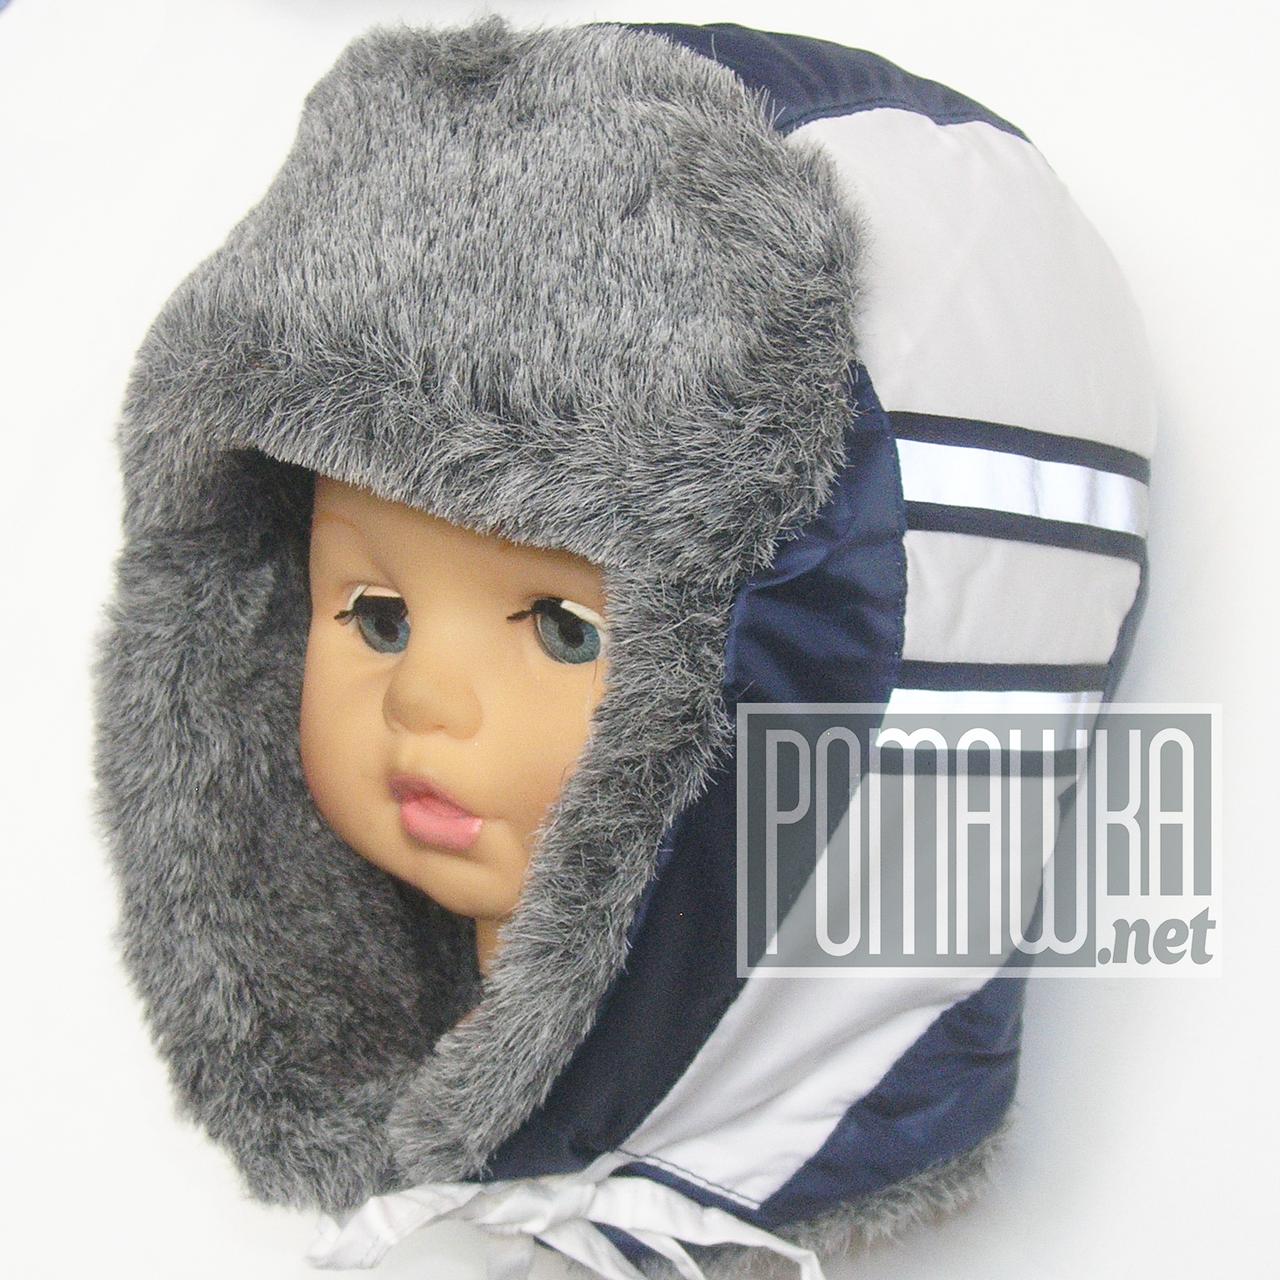 Дитяча зимова термо шапка р. 48-50 з хутряною опушкою на зав'язках верх плащівка, підкладка-100%х/б 4536 Синій